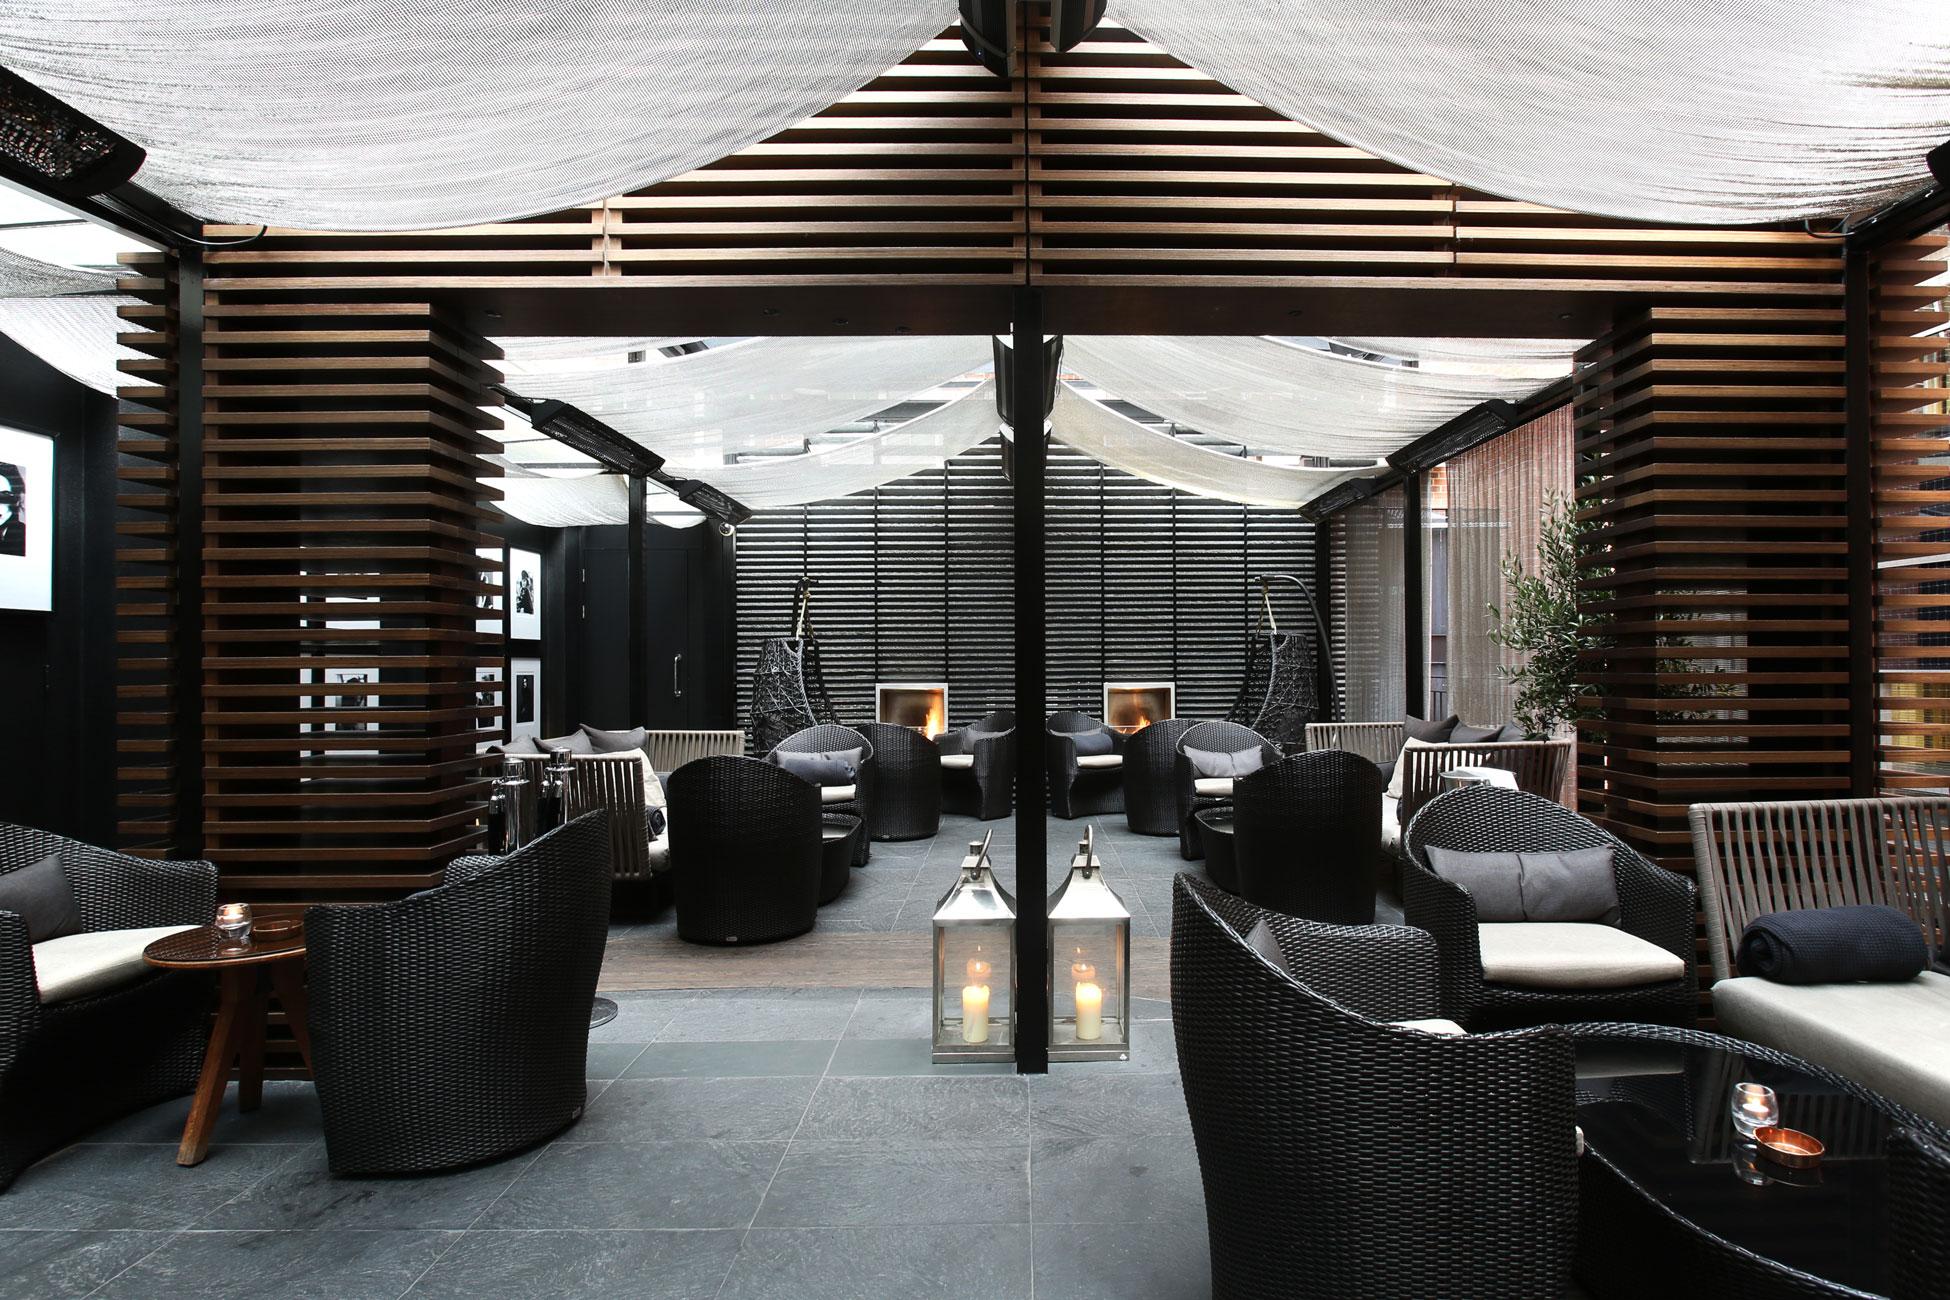 Hotel photography, bar + rattan furniture